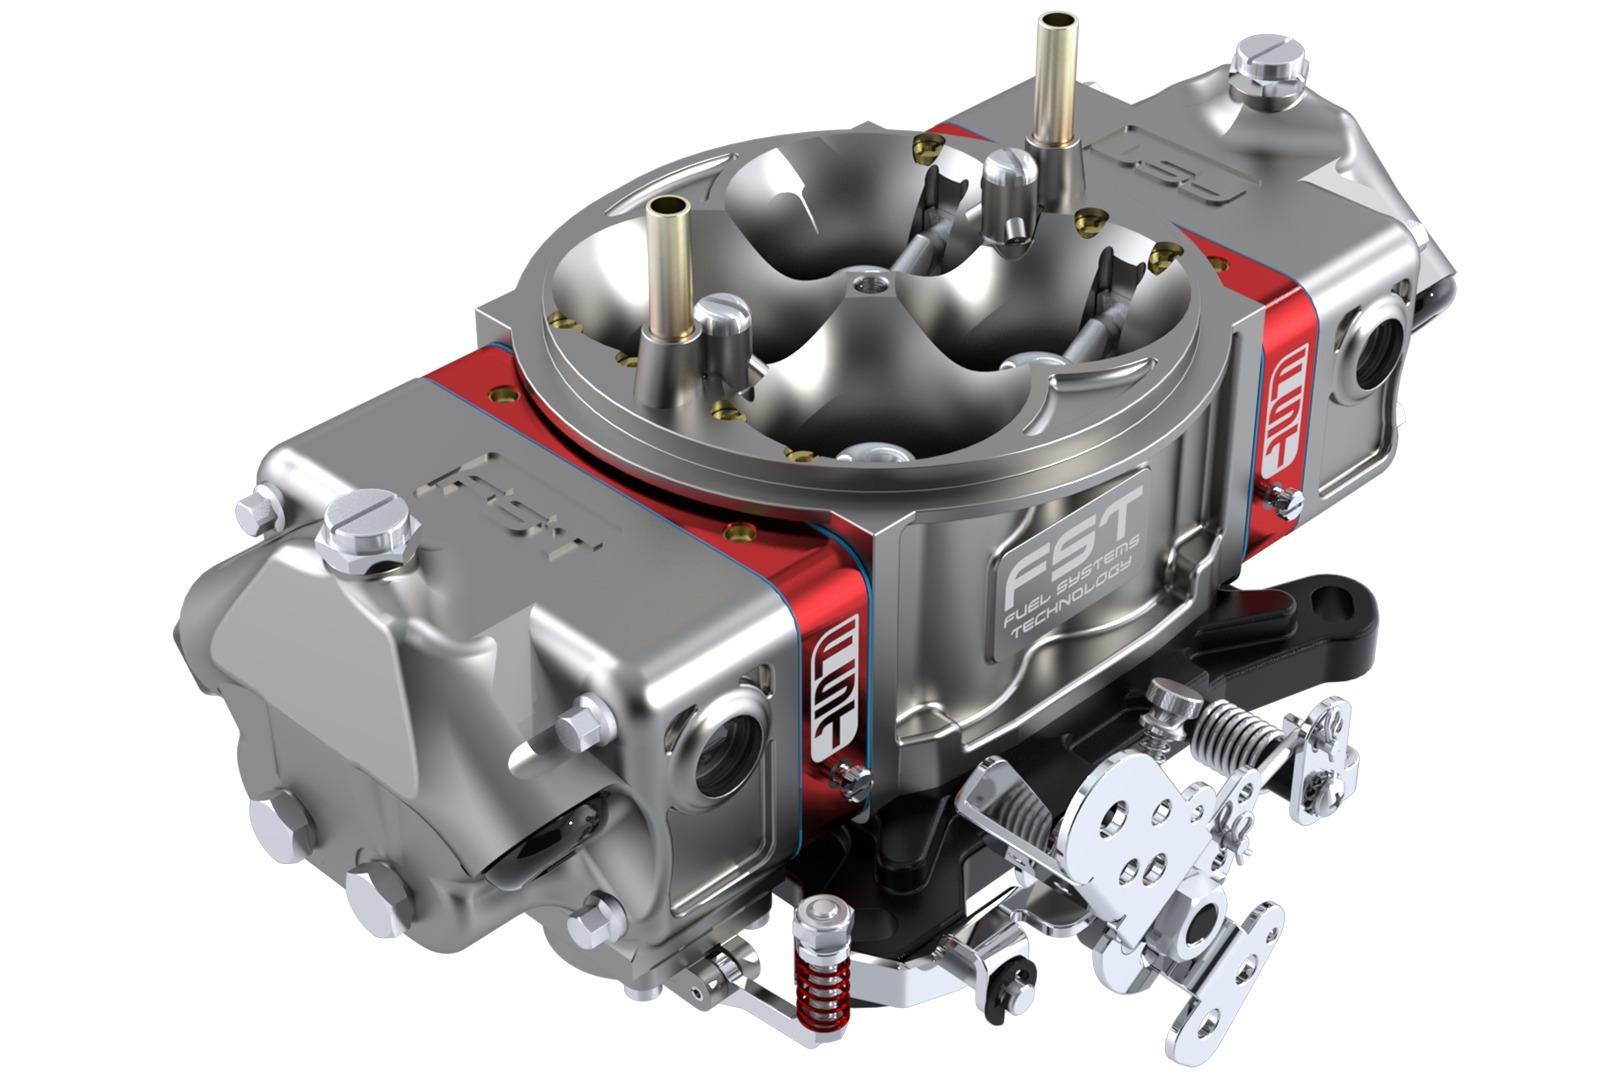 FST Performance Carburetor 41750B-1 Carburetor, Billet X-treme, 4-Barrel, 750 CFM, Square Bore, Mechanical Secondary, Dual Inlet, Titanium Anodize, Each